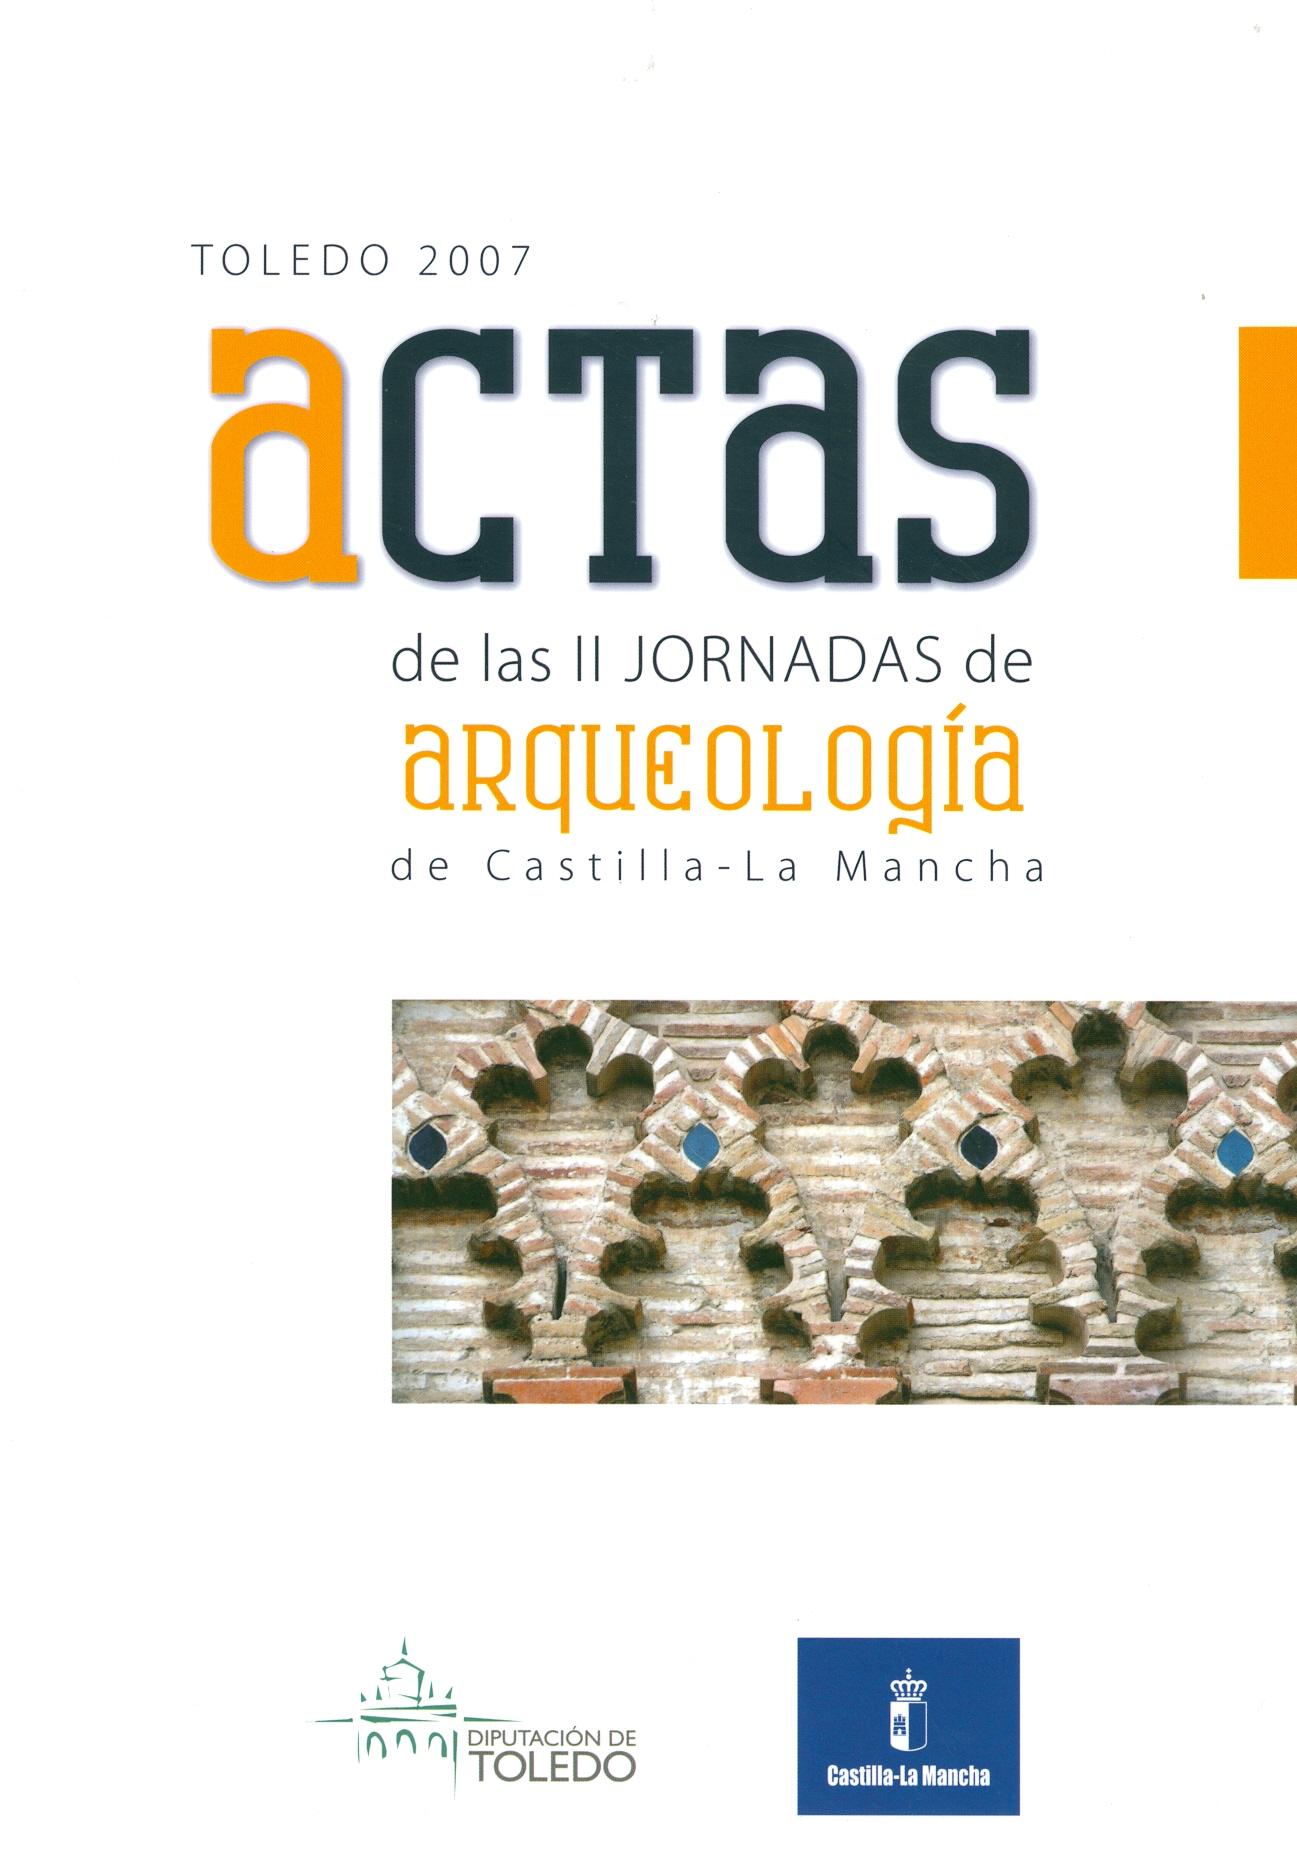 Actas de las II jornadas de arqueología en Castilla la Mancha. Volumen I